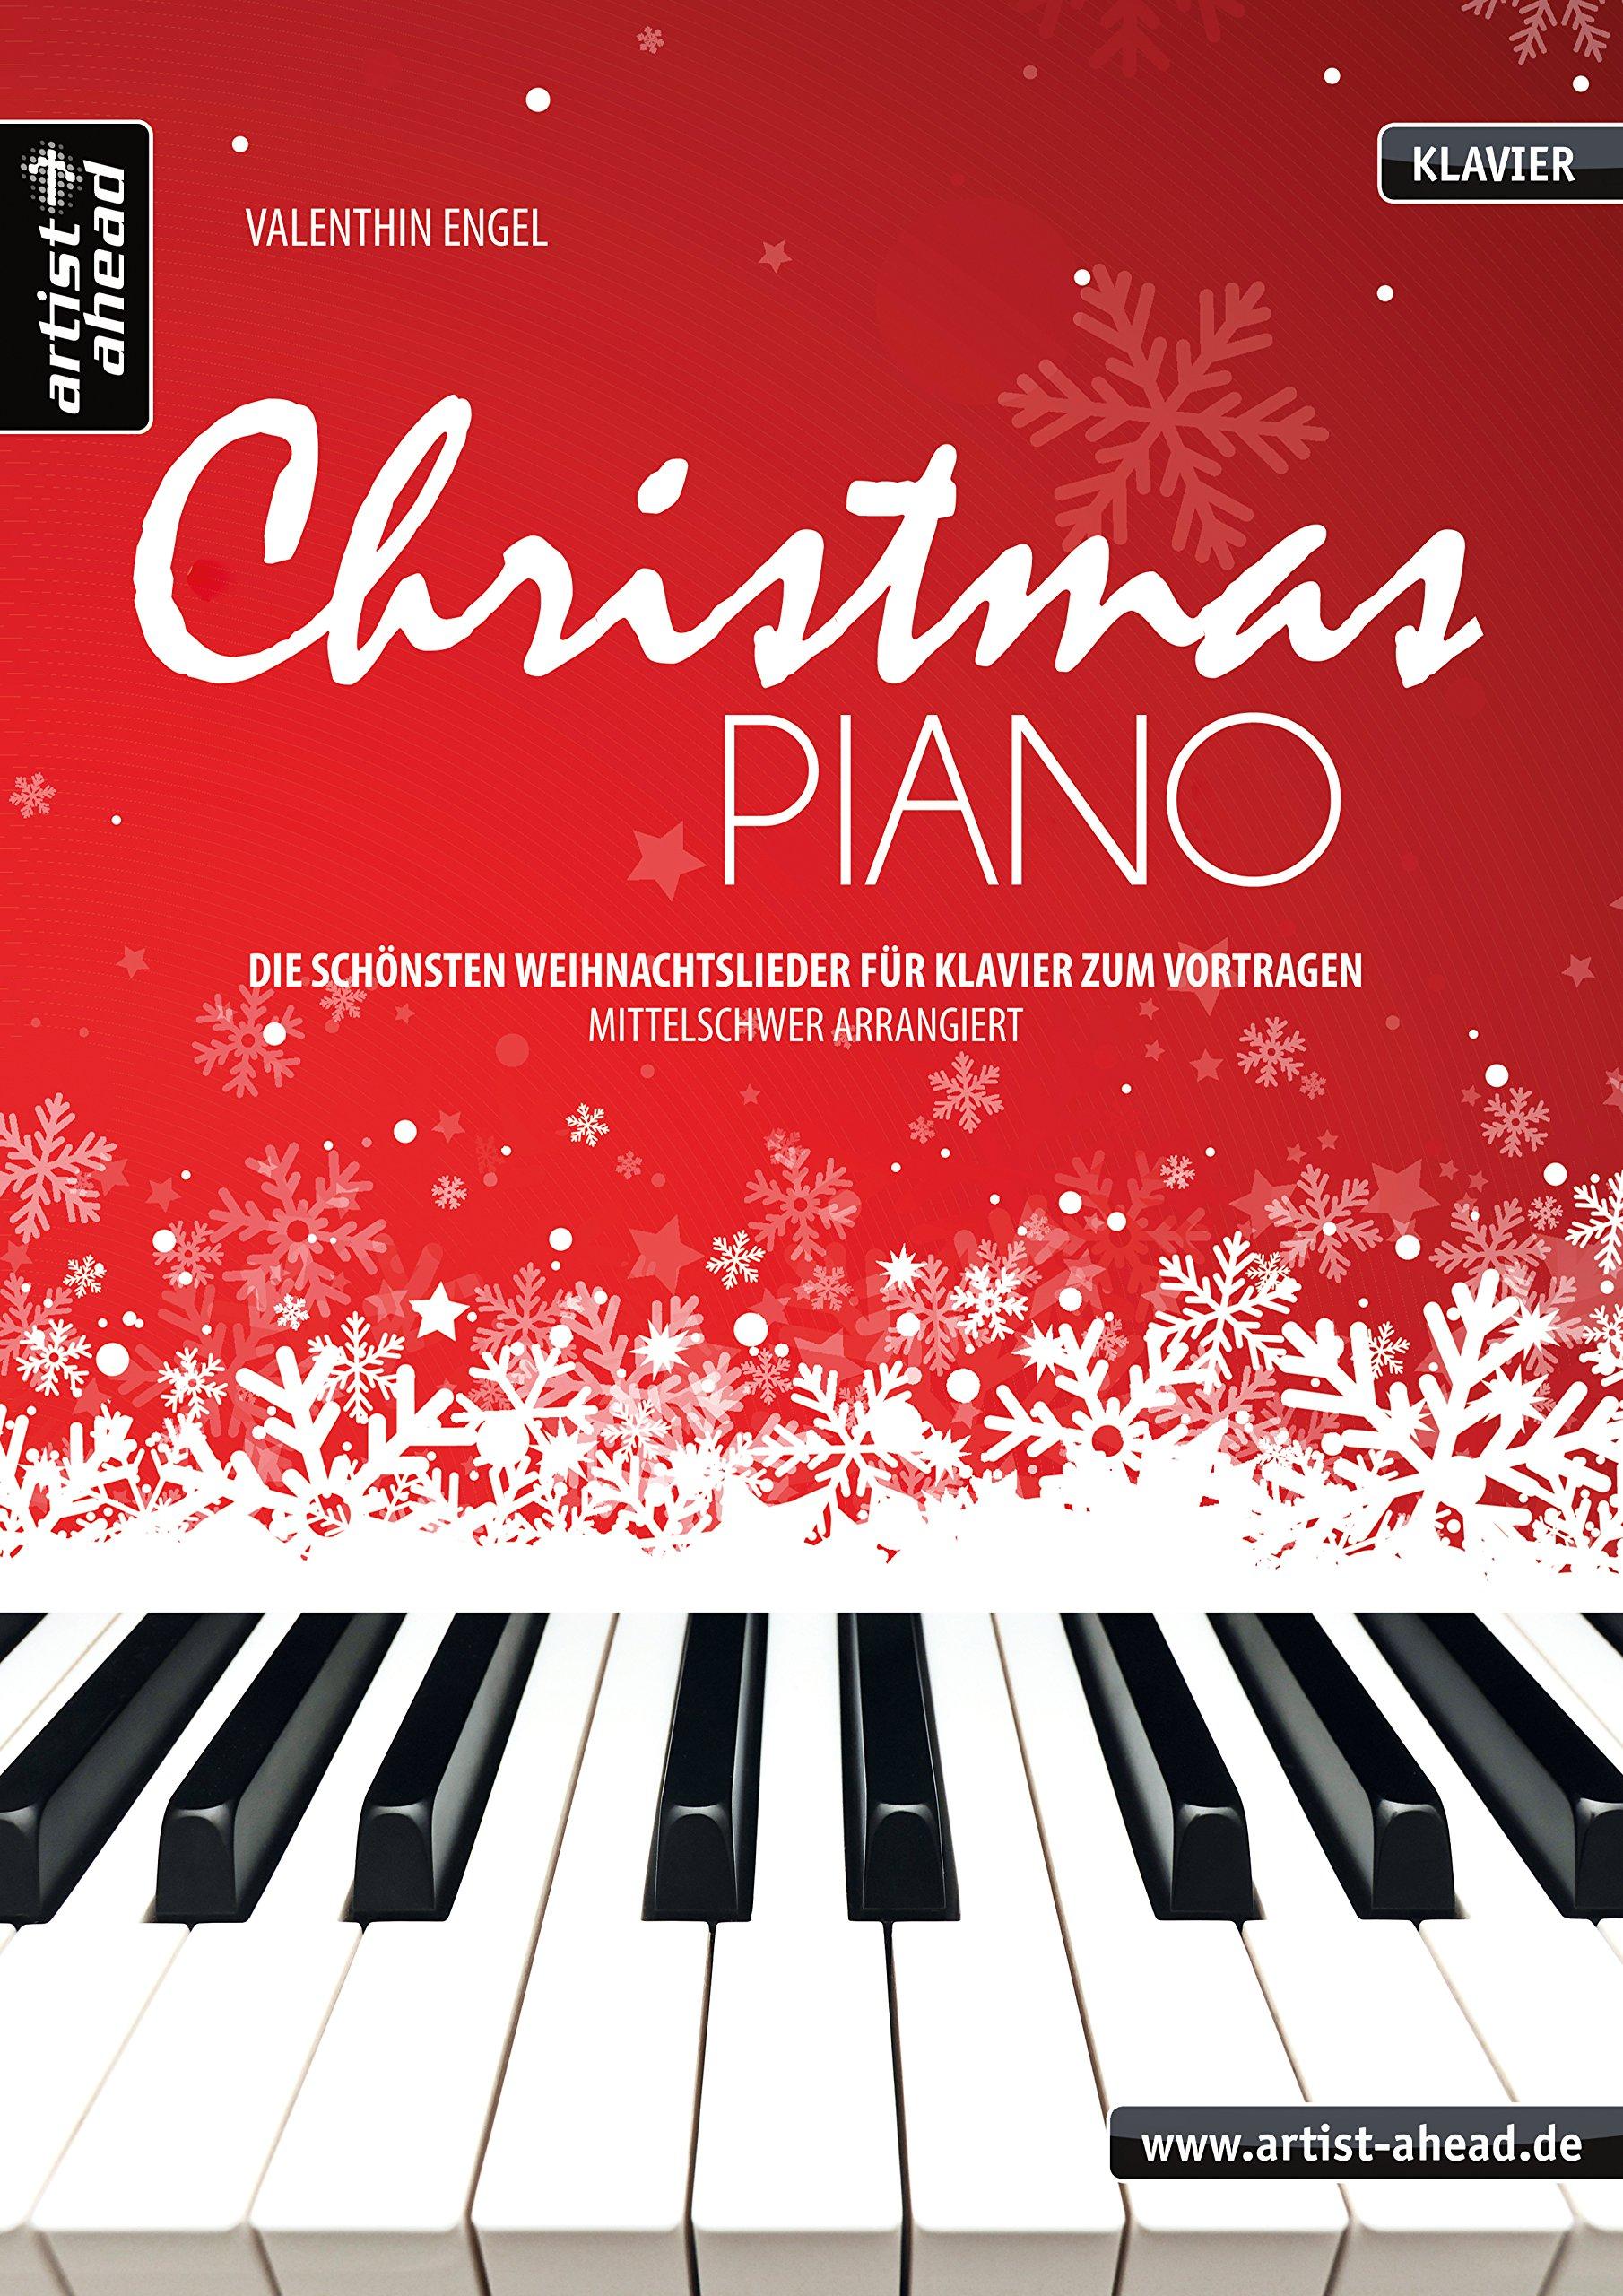 Populäre Weihnachtslieder.Christmas Piano Die Schönsten Weihnachtslieder Für Klavier Zum